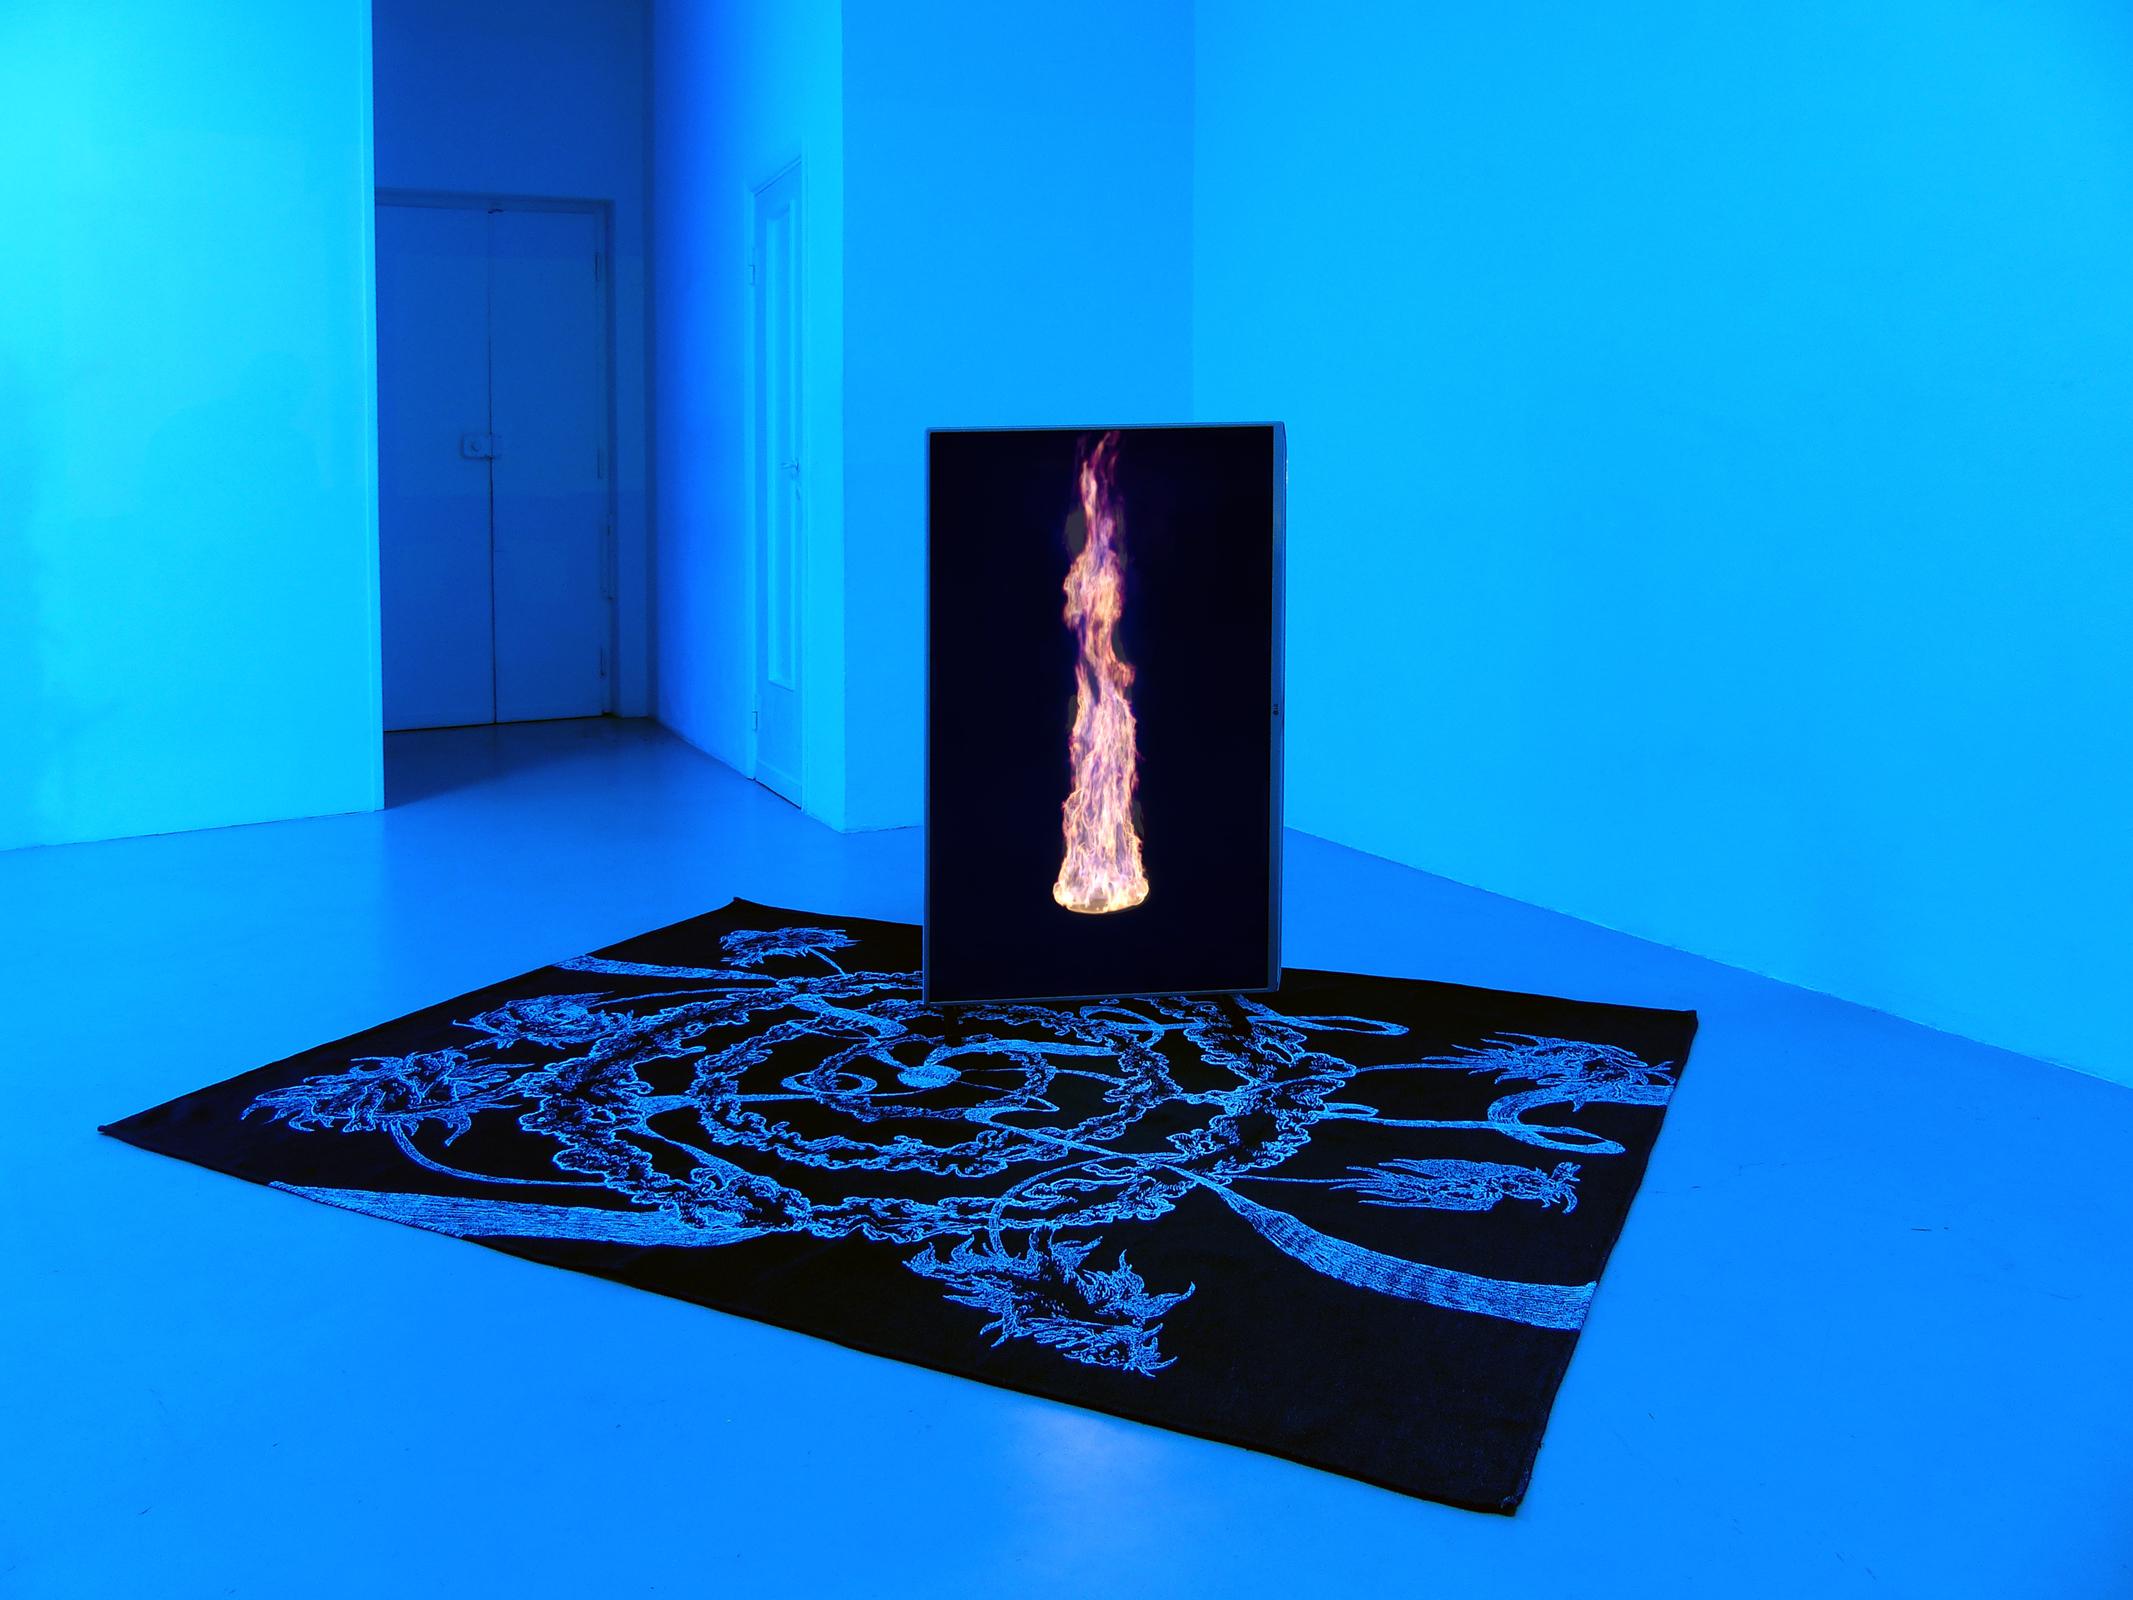 3 Paolo Brambilla - Fiordiluna, exhibition view, Dimora Artica.JPG